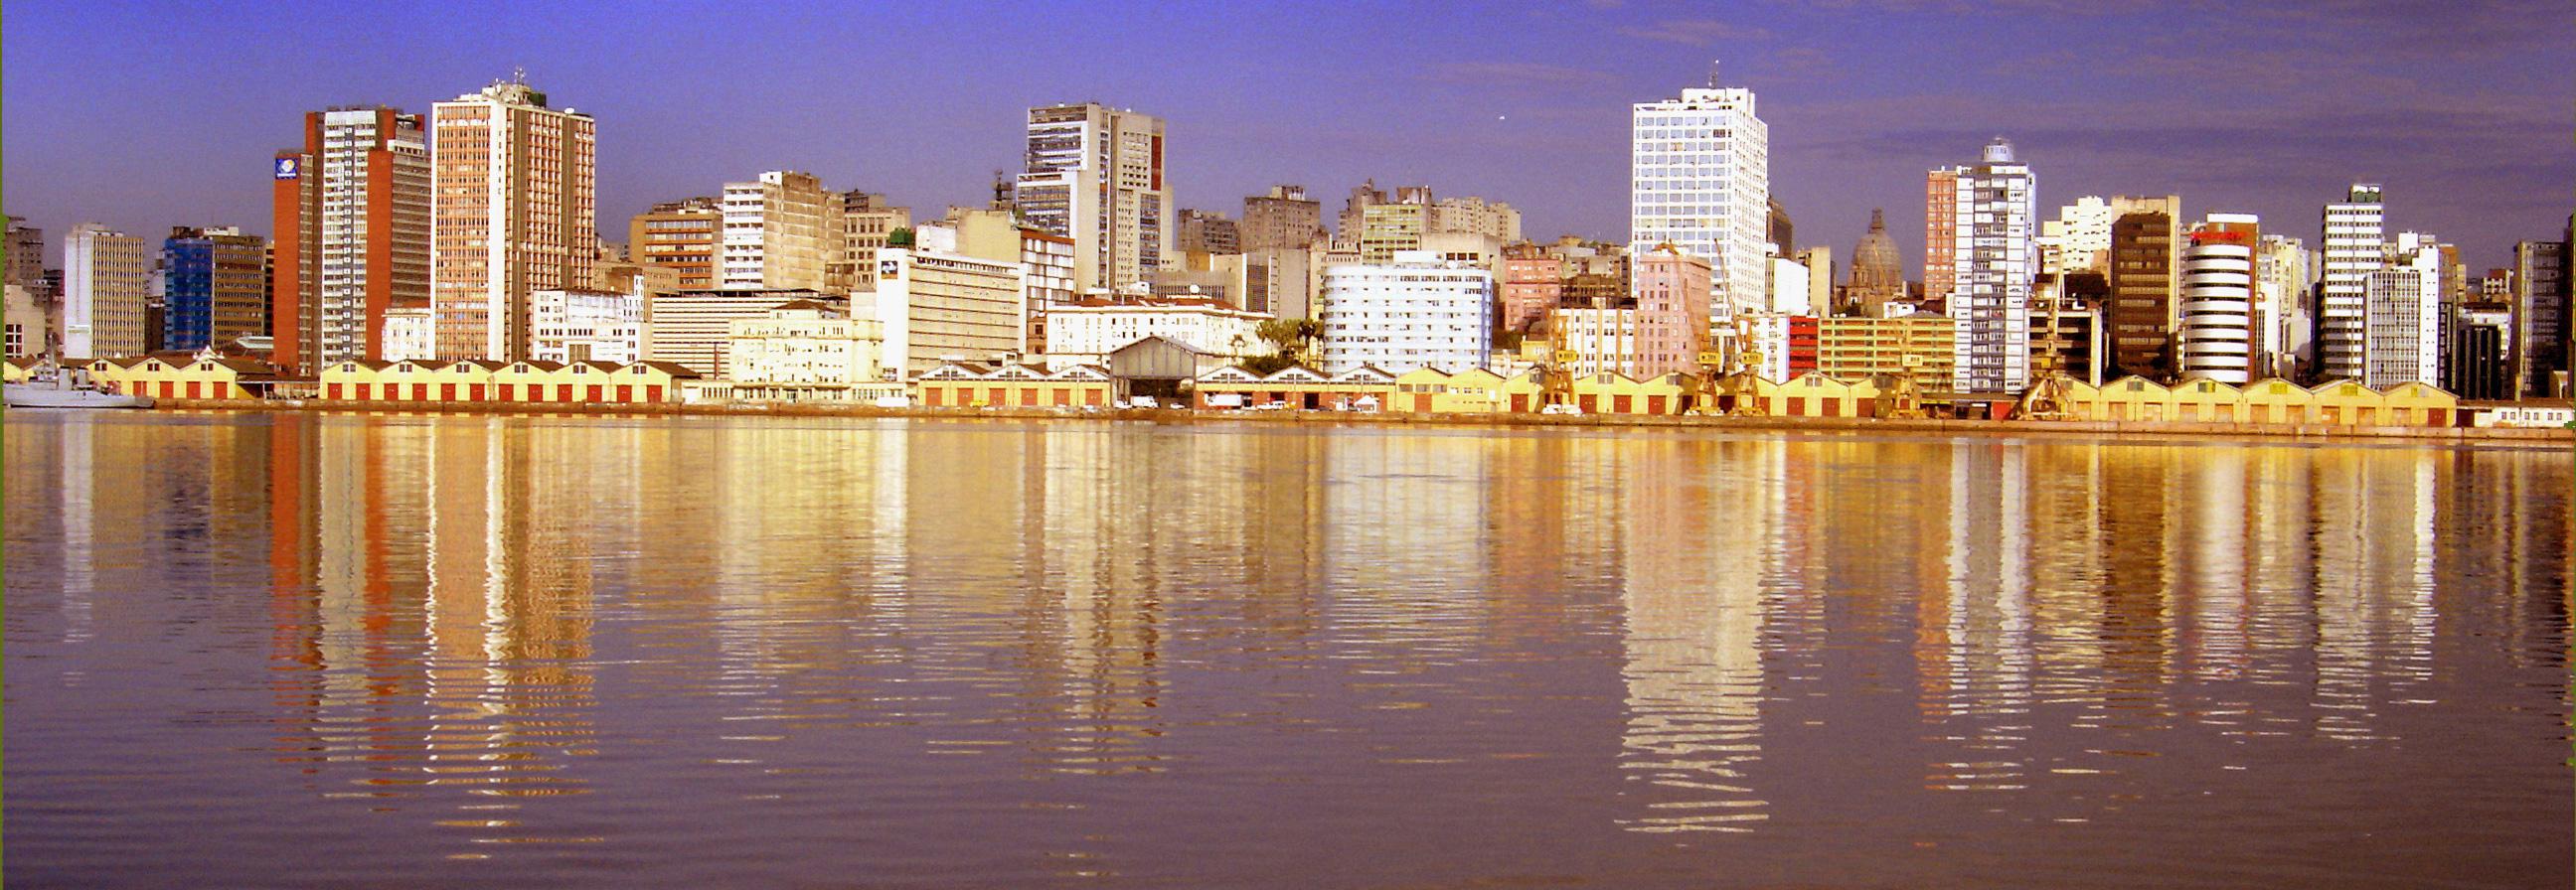 Cais_Mau%C3%A1_Porto_Alegre_2.jpg